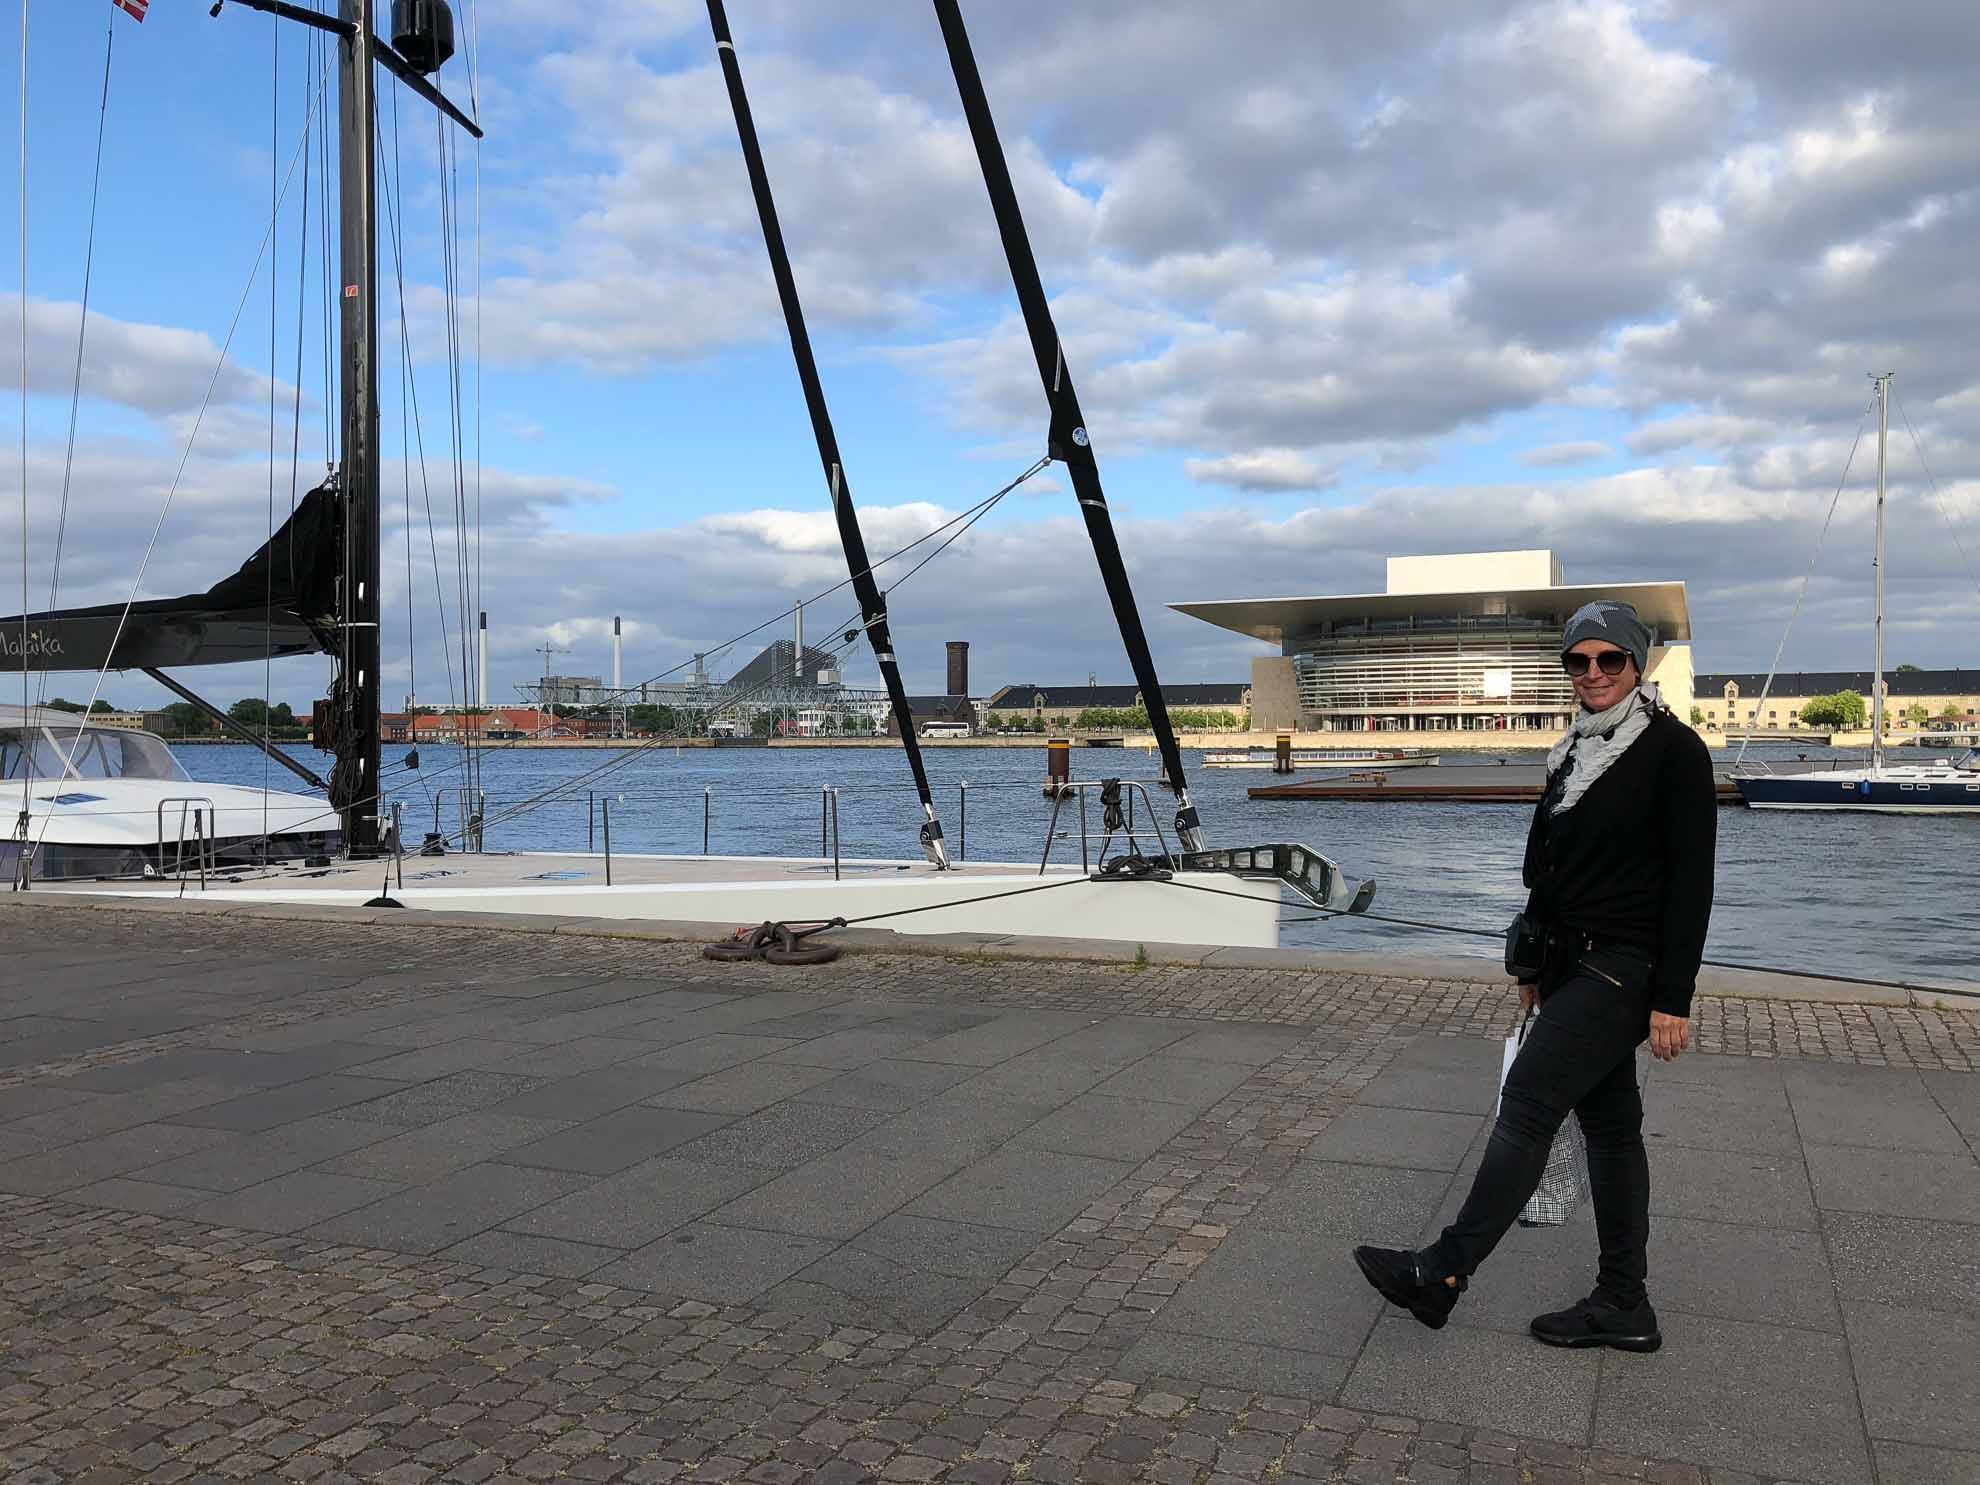 Malaika liegt am Amaliehavn, direkt gegenüber der Königlichen Dänischen Oper